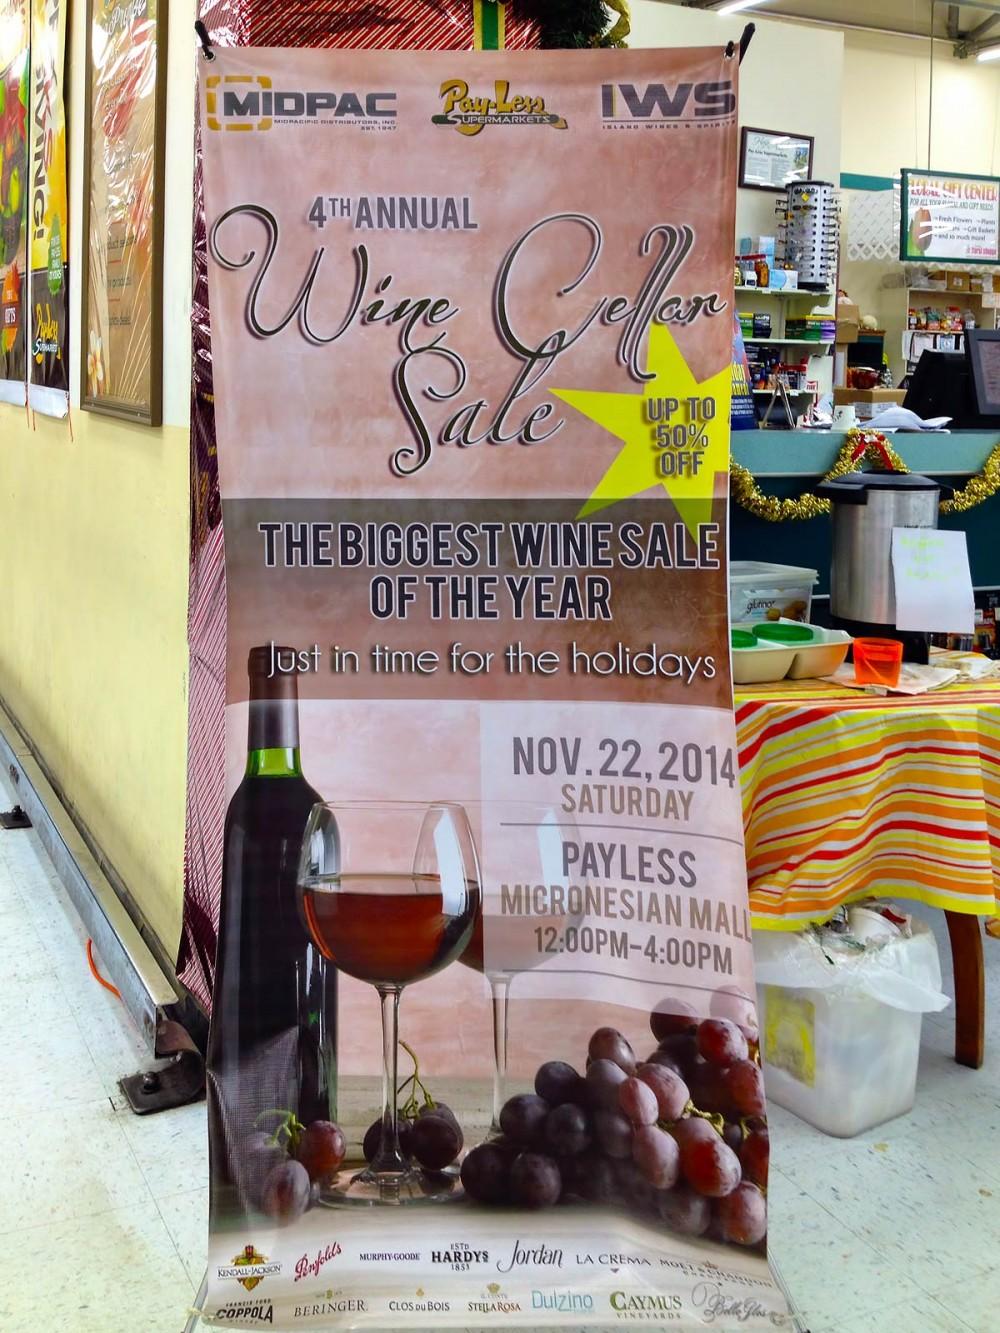 今年(2014年)で4回目を迎えるワインセラーセール (ペイレス マイクロネシアモール店)